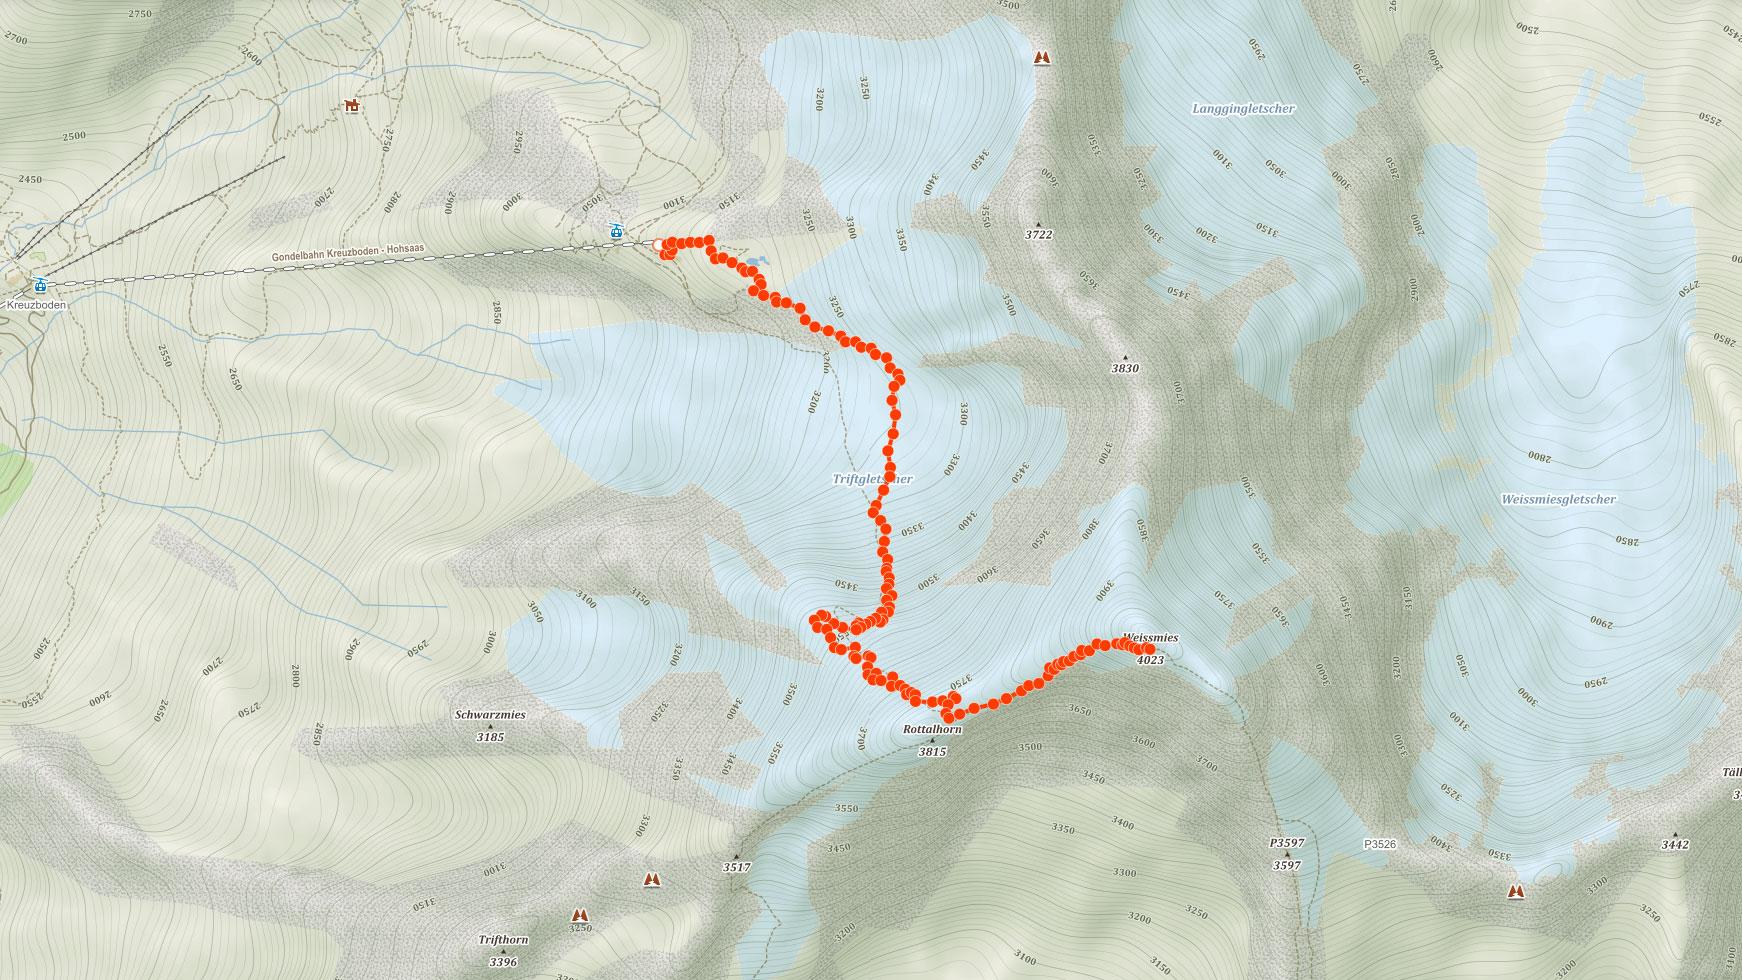 Normální výstupová trasa na Weissmies ve Švýcarsku